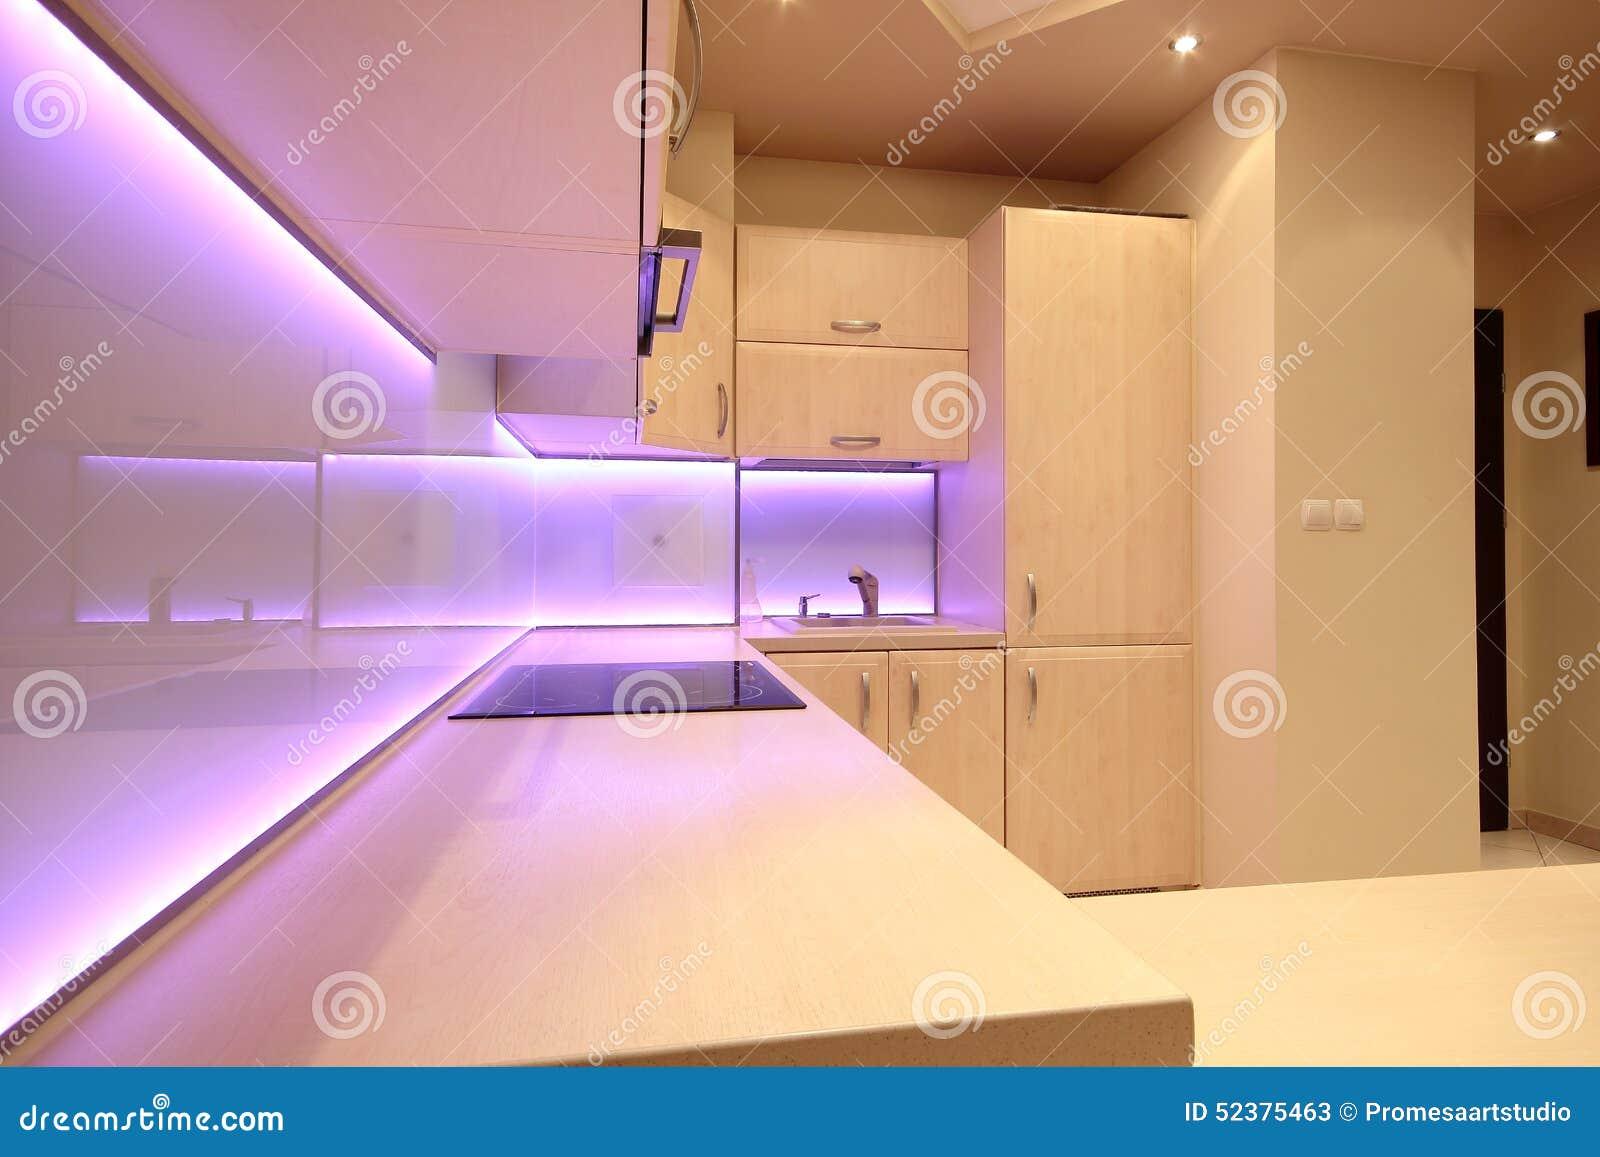 Cucina di lusso moderna con illuminazione rosa del led immagine